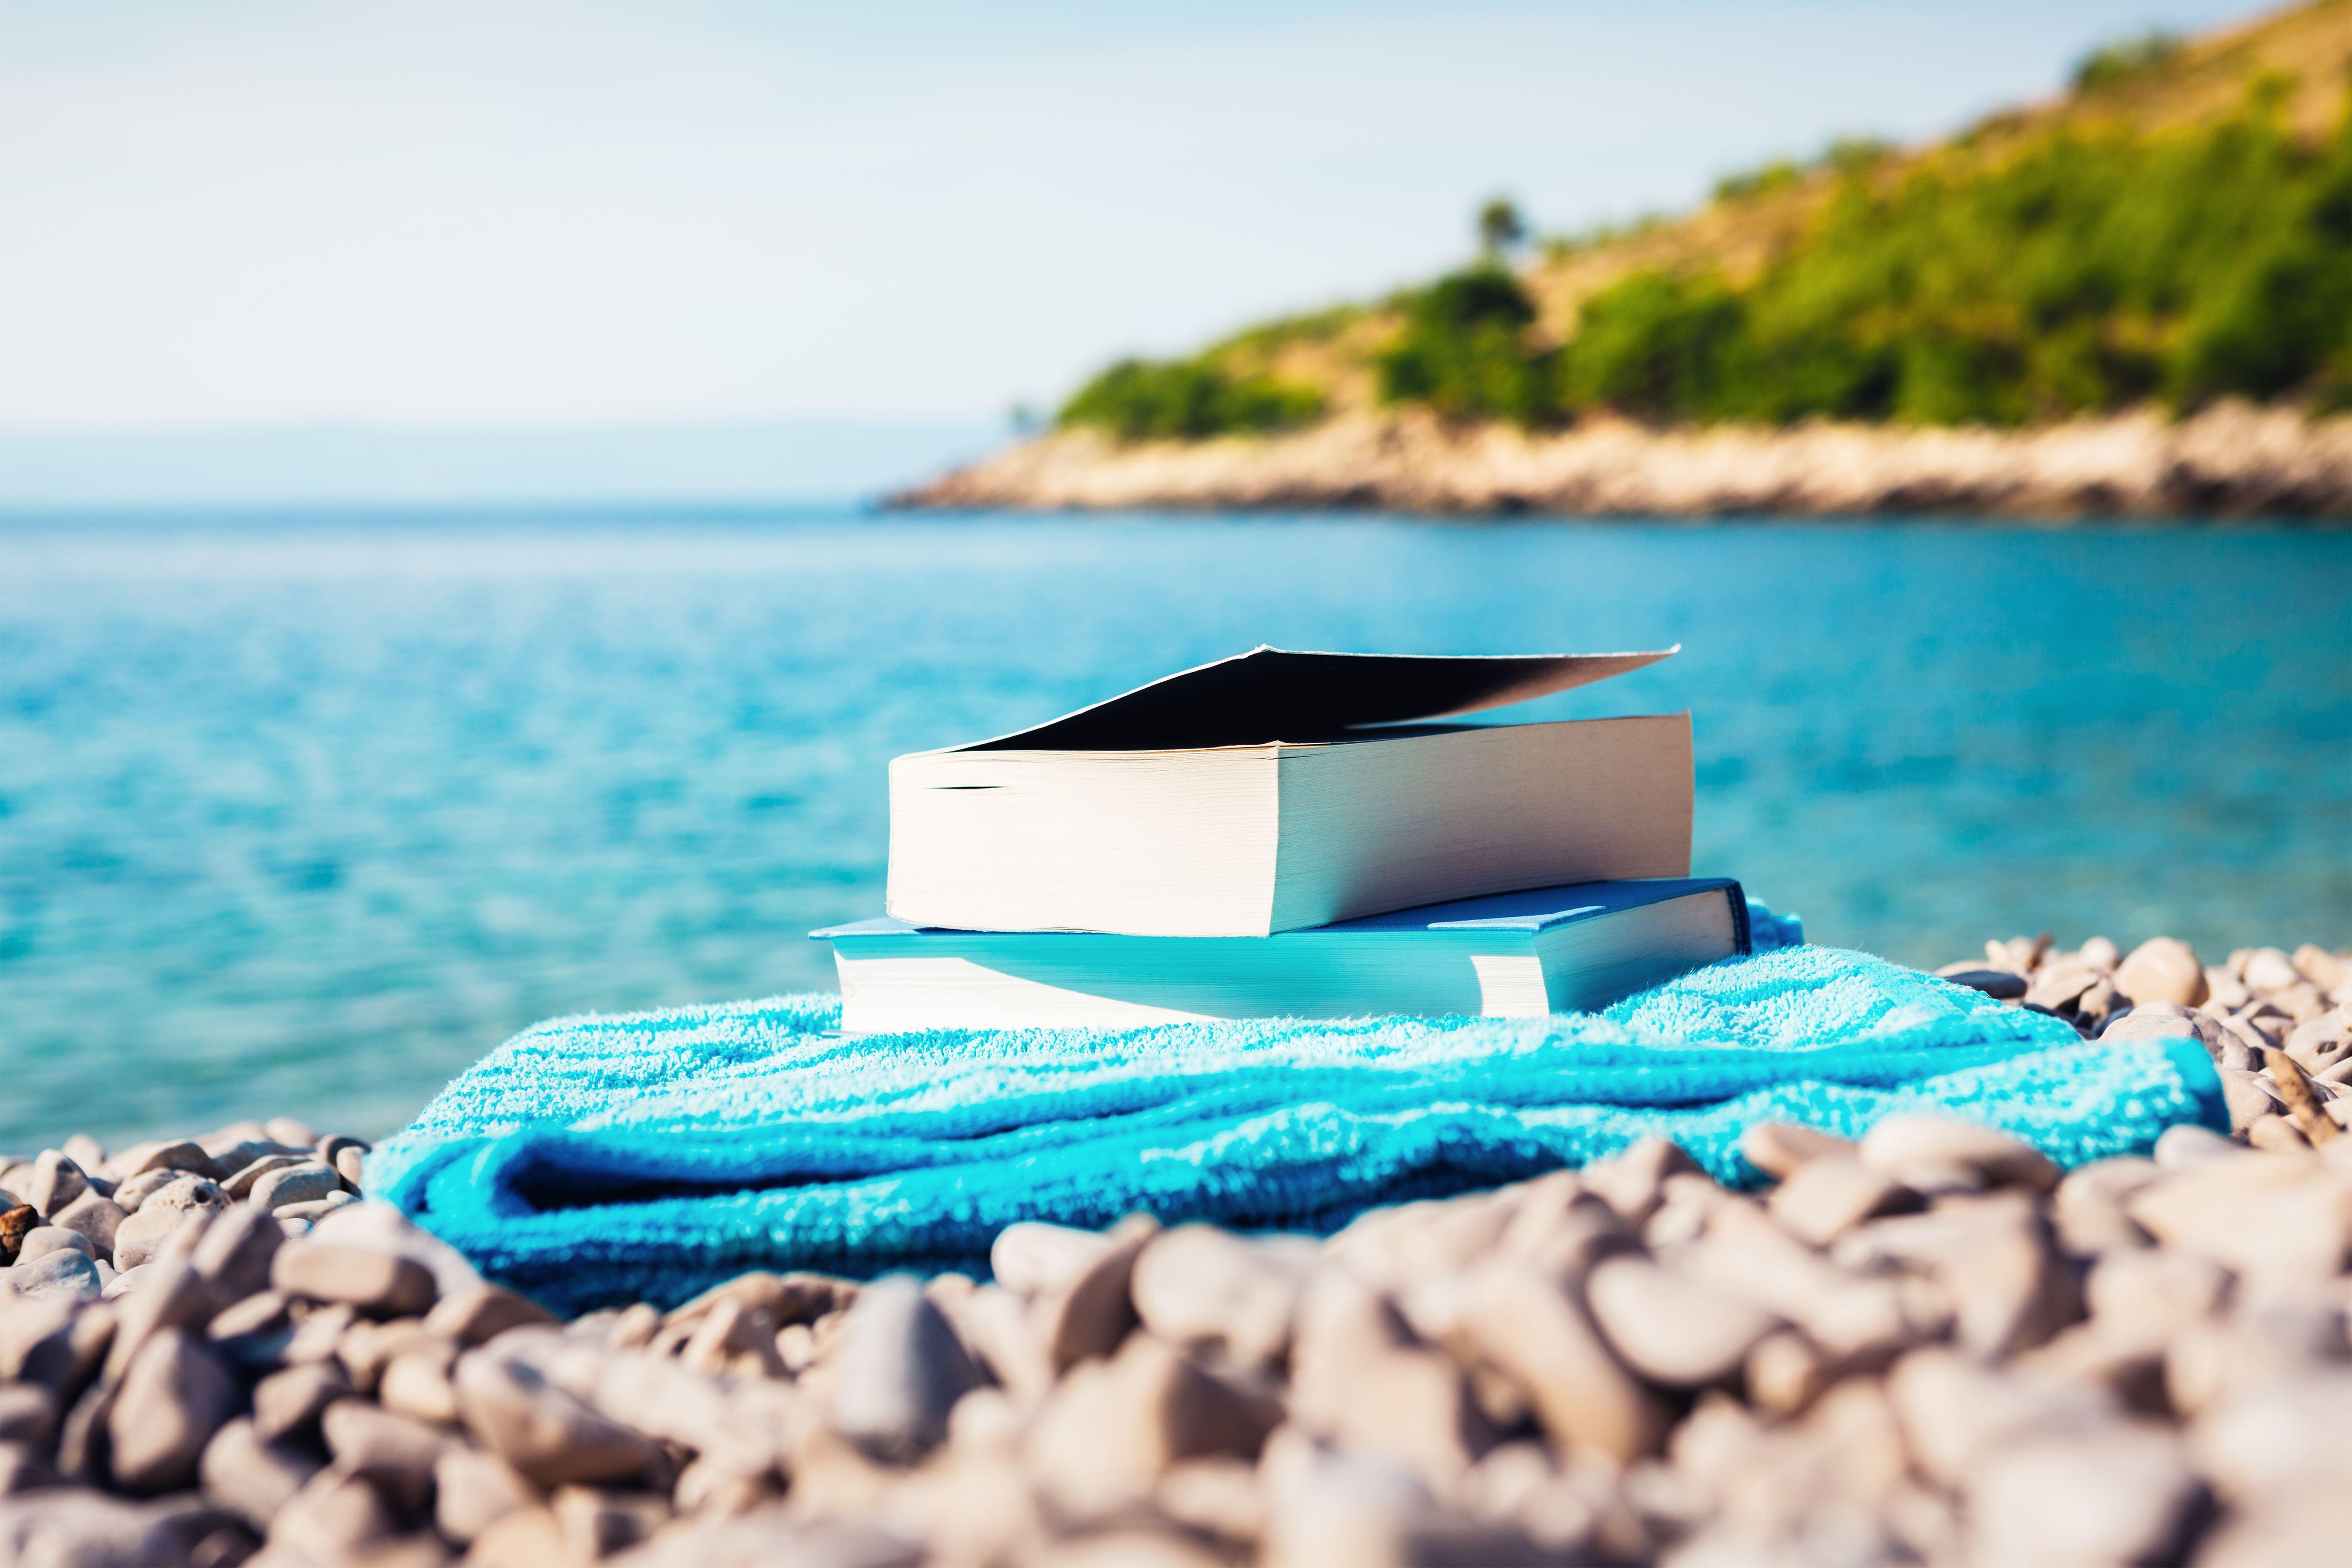 Preferes livros em inglês? Temos 10 sugestões para leres antes de terminares as férias